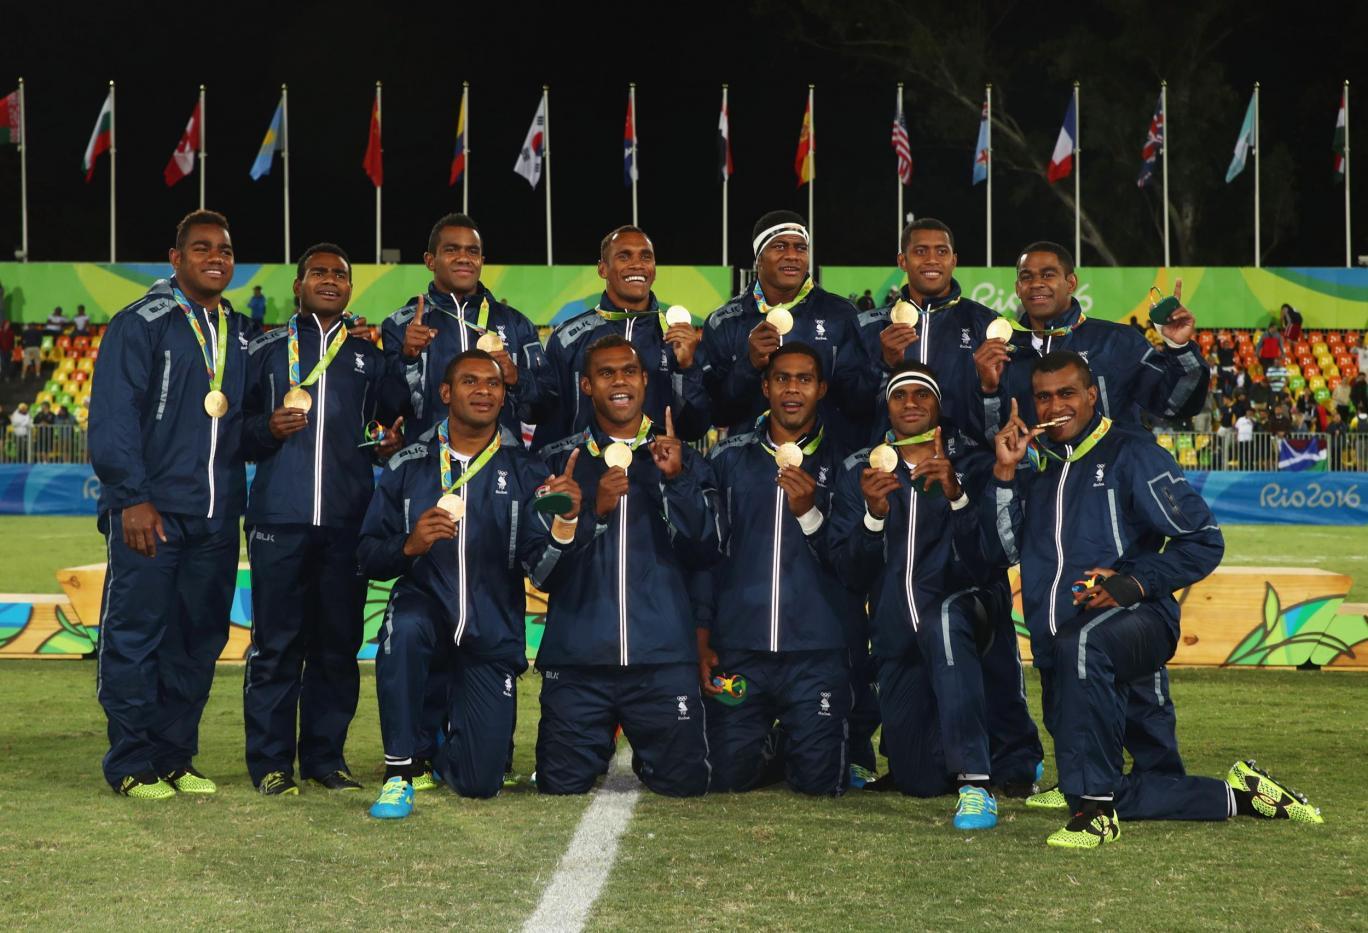 La nazionale figiana di rugby che mostra l'oro olimpico. Photo: Gettyimages